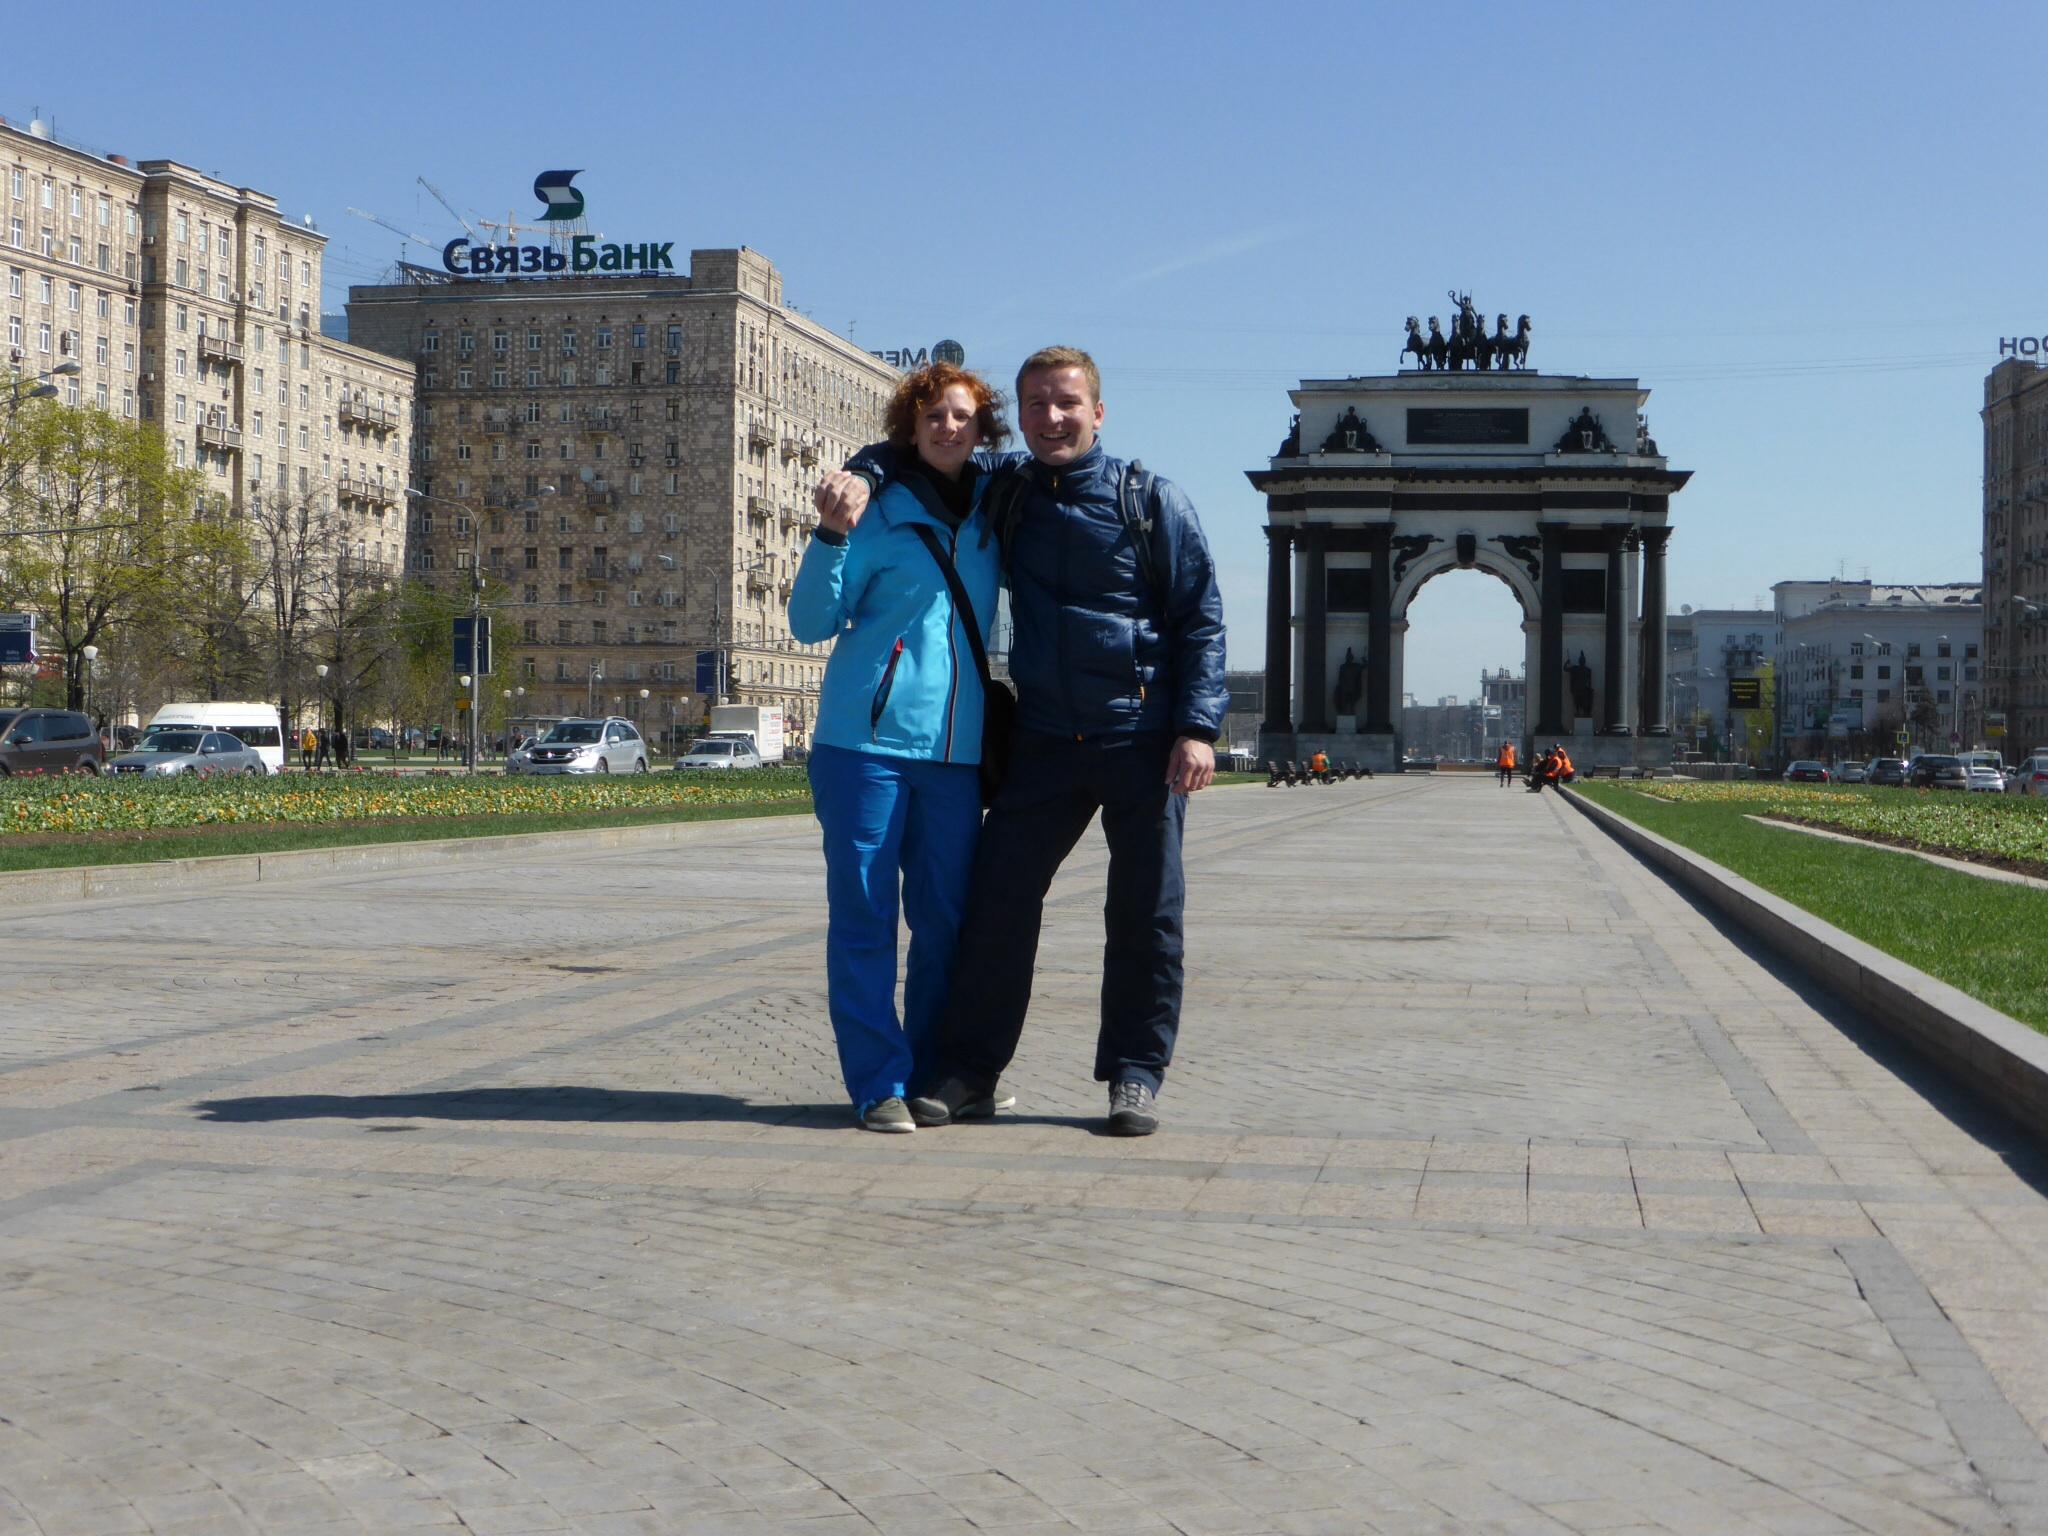 Moskau – Unser luxuriöser Start ins Backbackerdasein